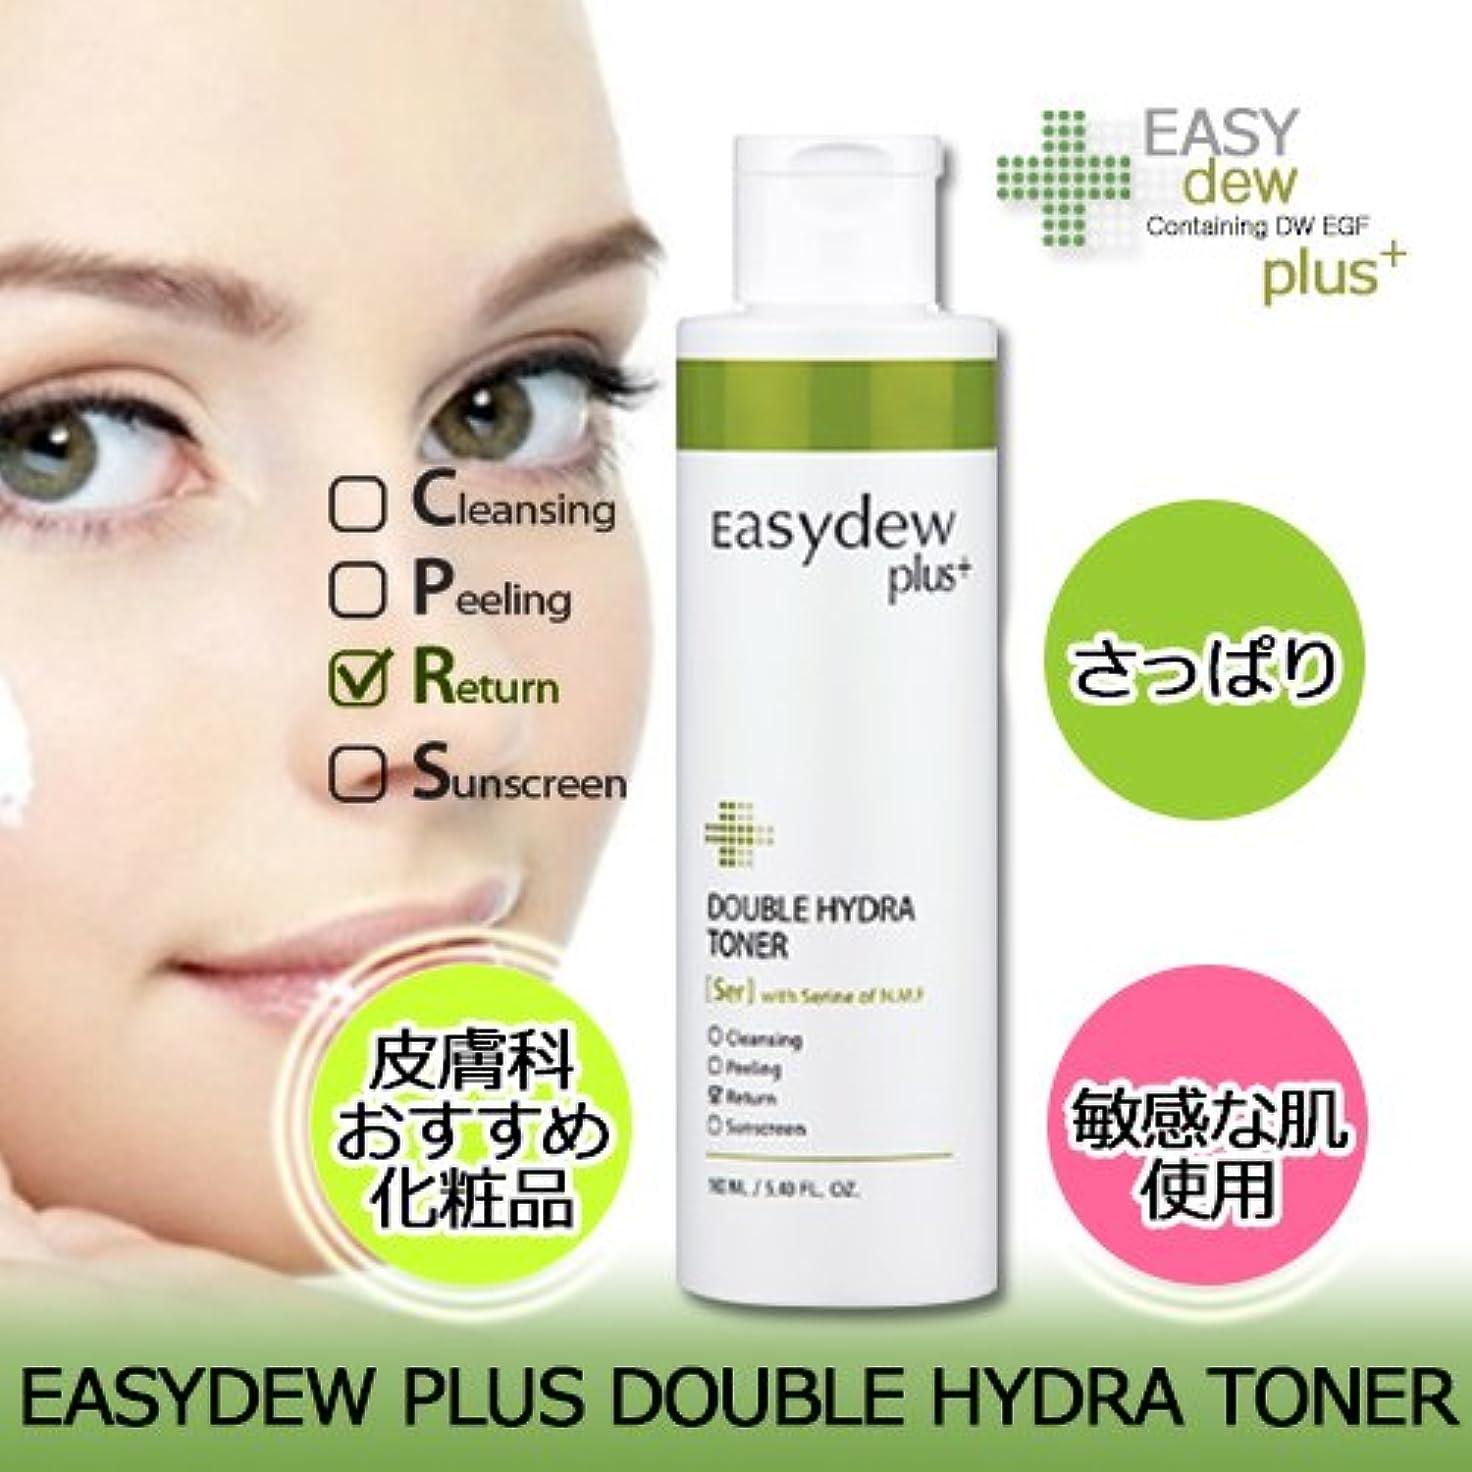 EASYDEW plus【イージーデュープラスダブルハイドラ トナー 160ml】 easydew plus double hydra toner 160ml